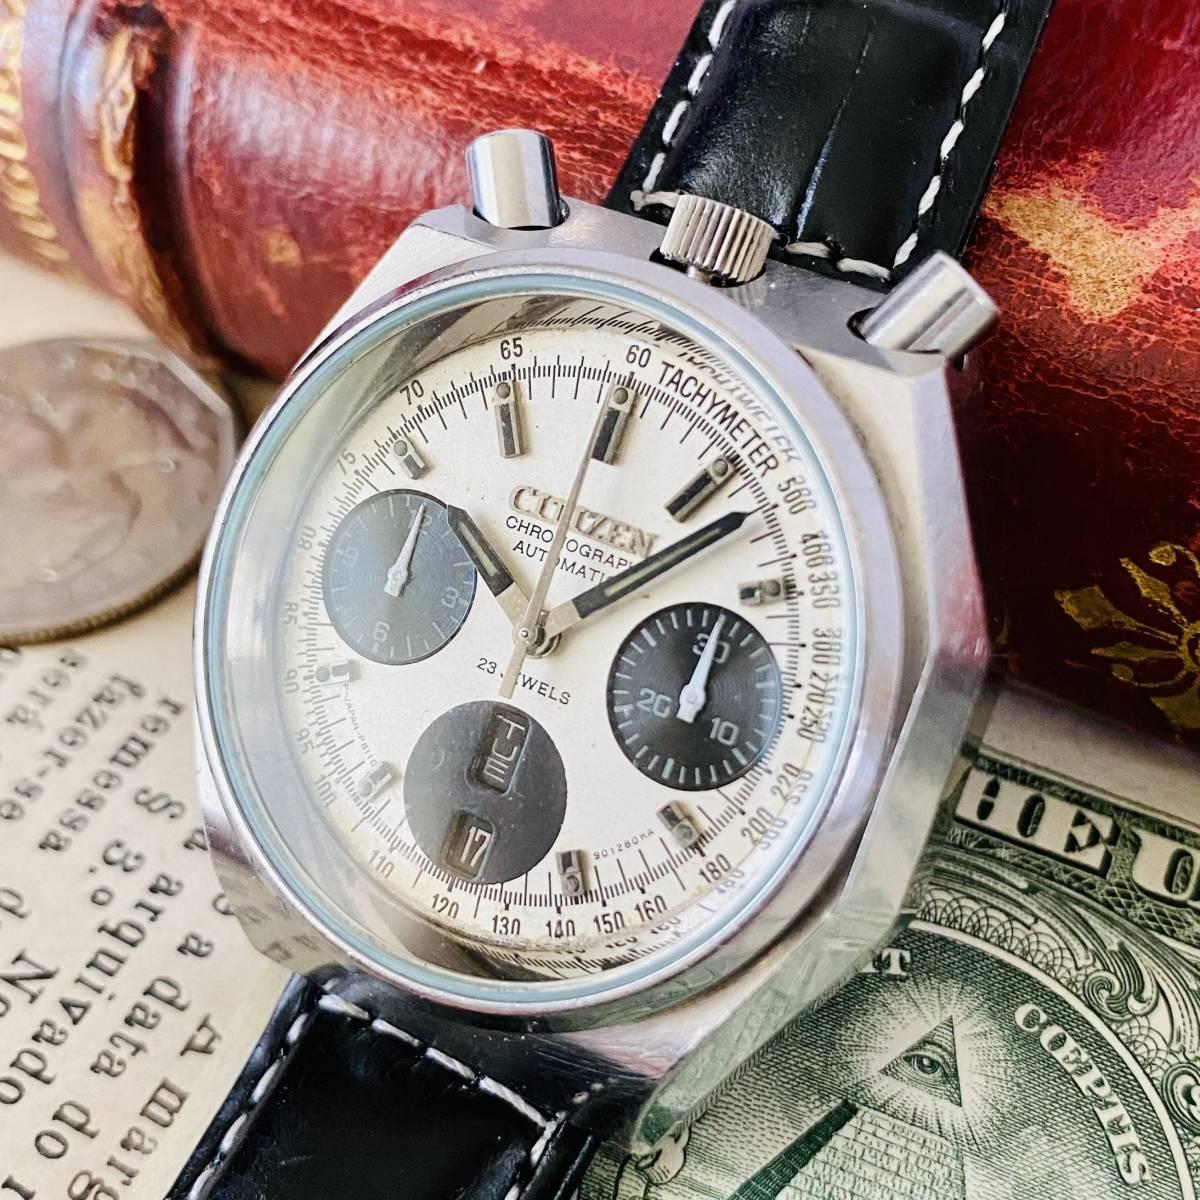 【高級時計 シチズン】CITIZEN 8110A クロノグラフ 自動巻 1980年代 ツノ メンズ レディース ビンテージ アナログ 腕時計パンダ チャレンジ_画像1